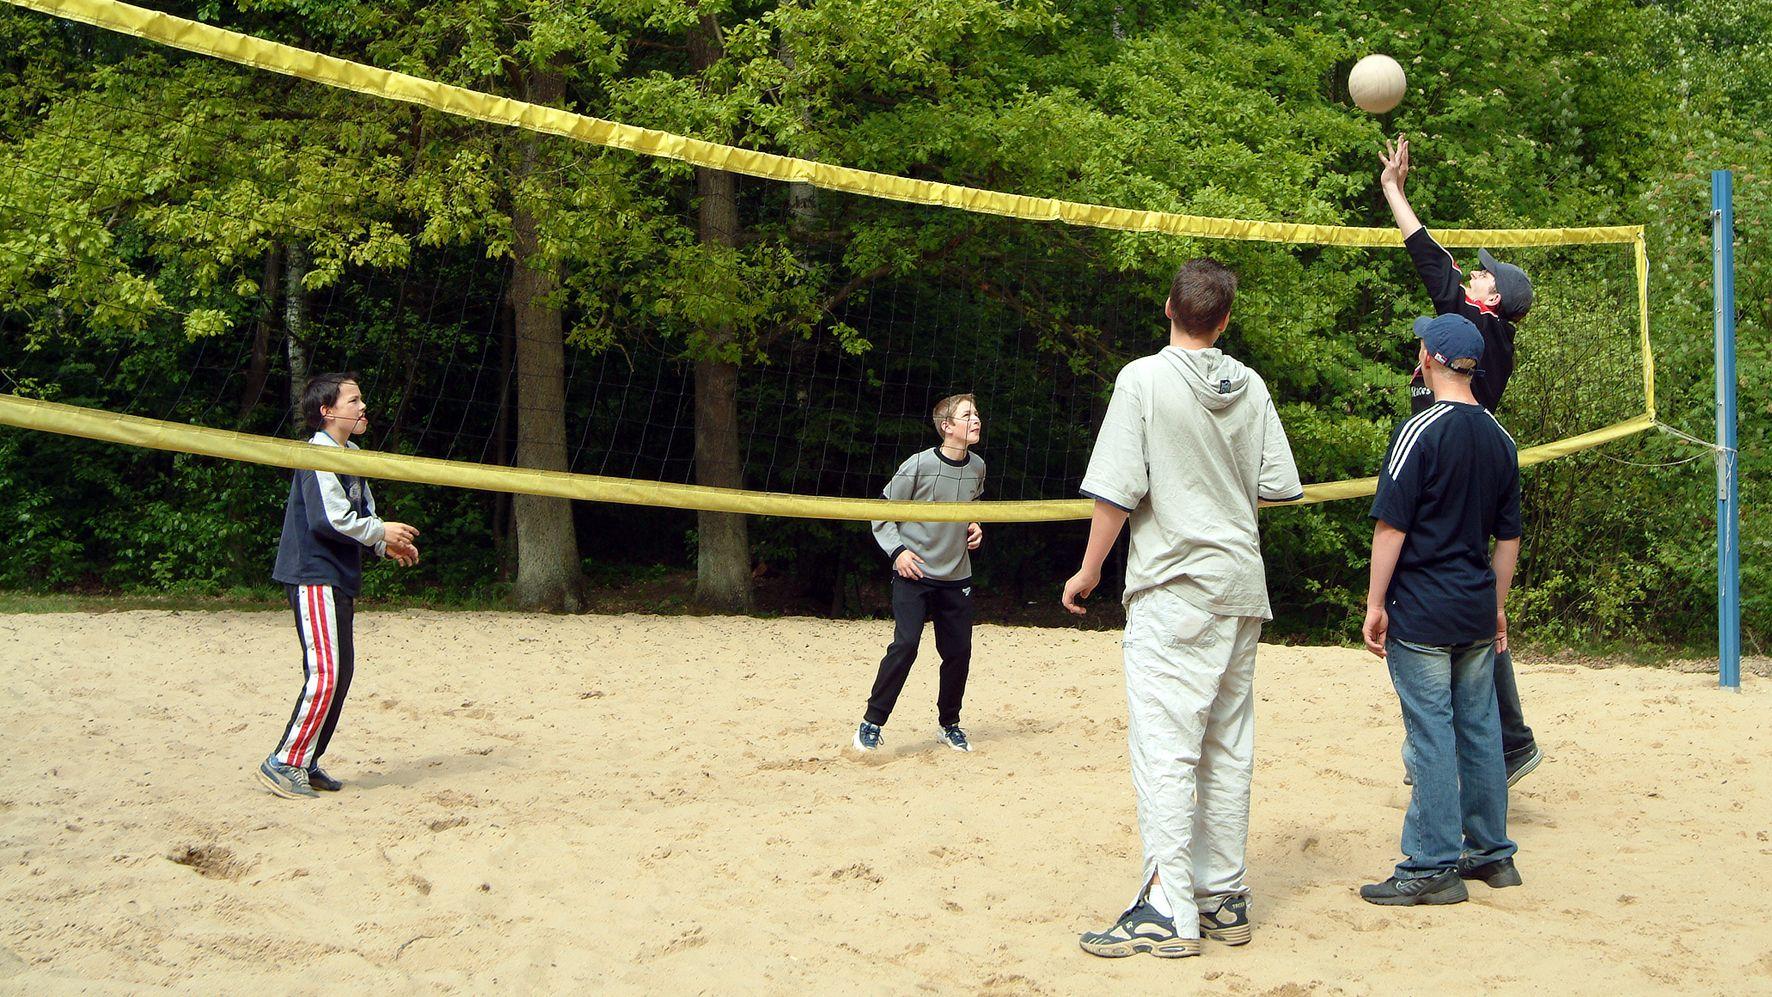 jugendherberge-mueden-fassberg-volleyballplatz-a